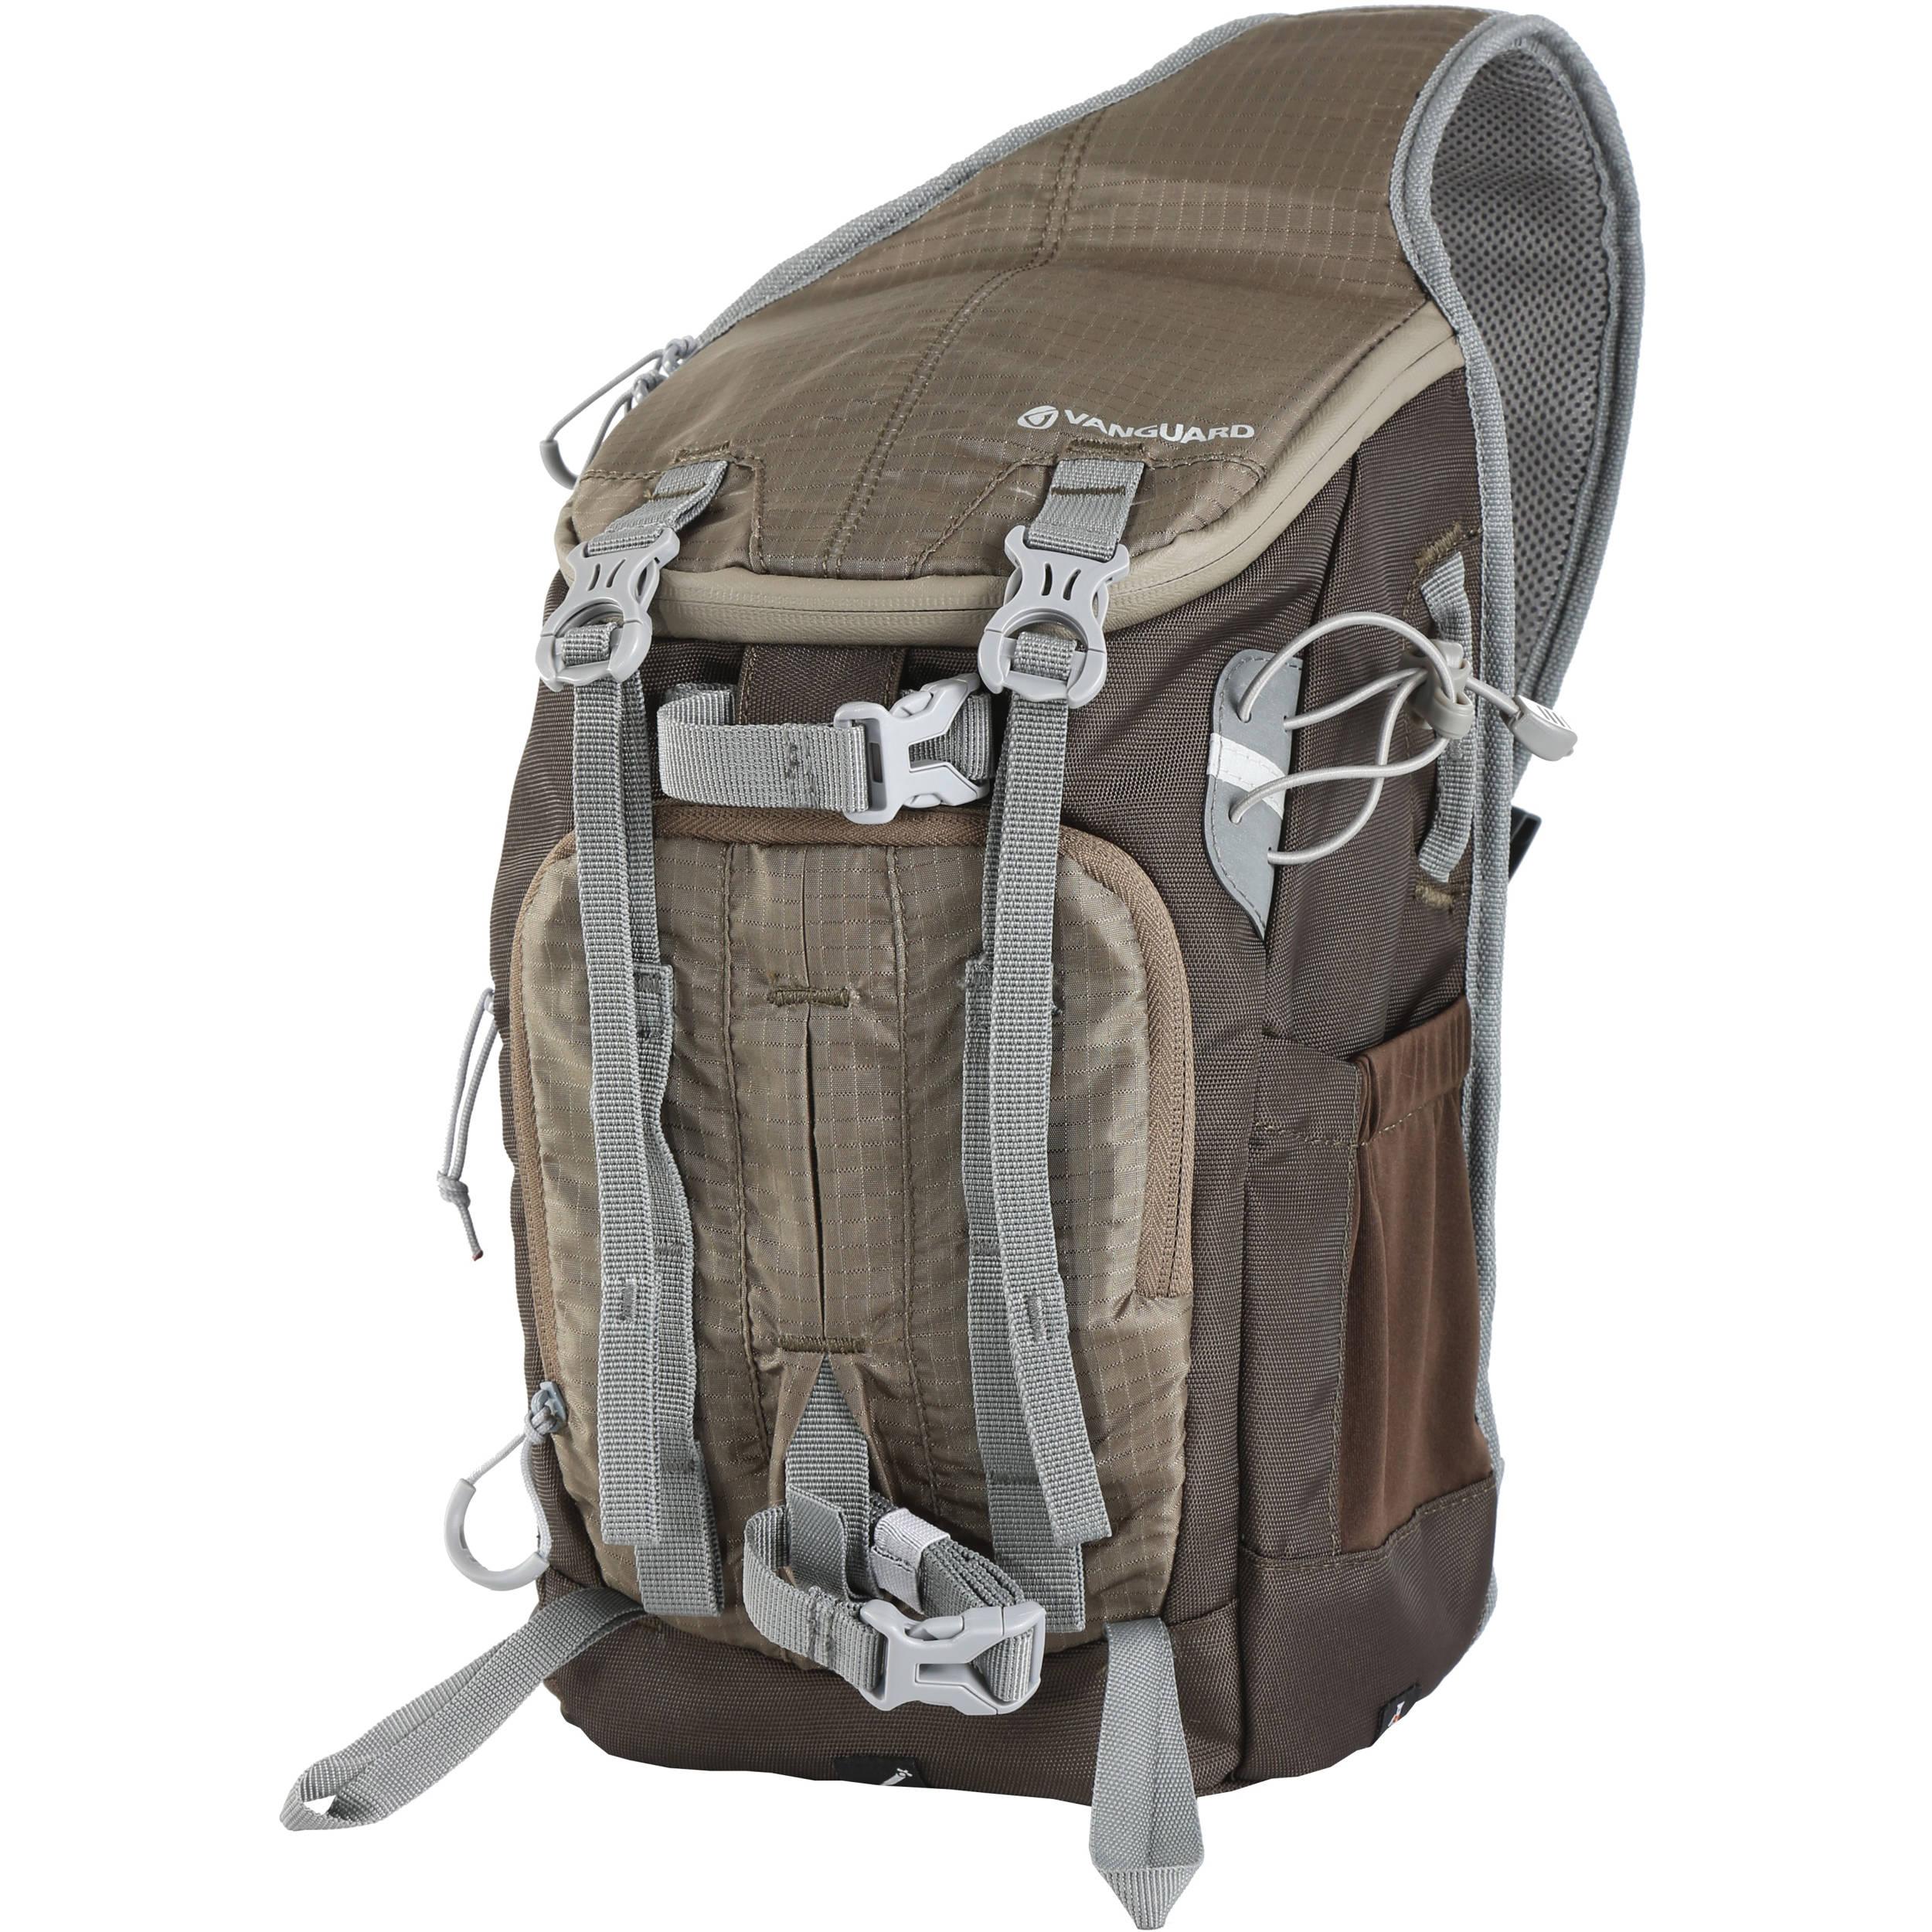 Vanguard Sedona 43 Dslr Sling Bag Khaki Green